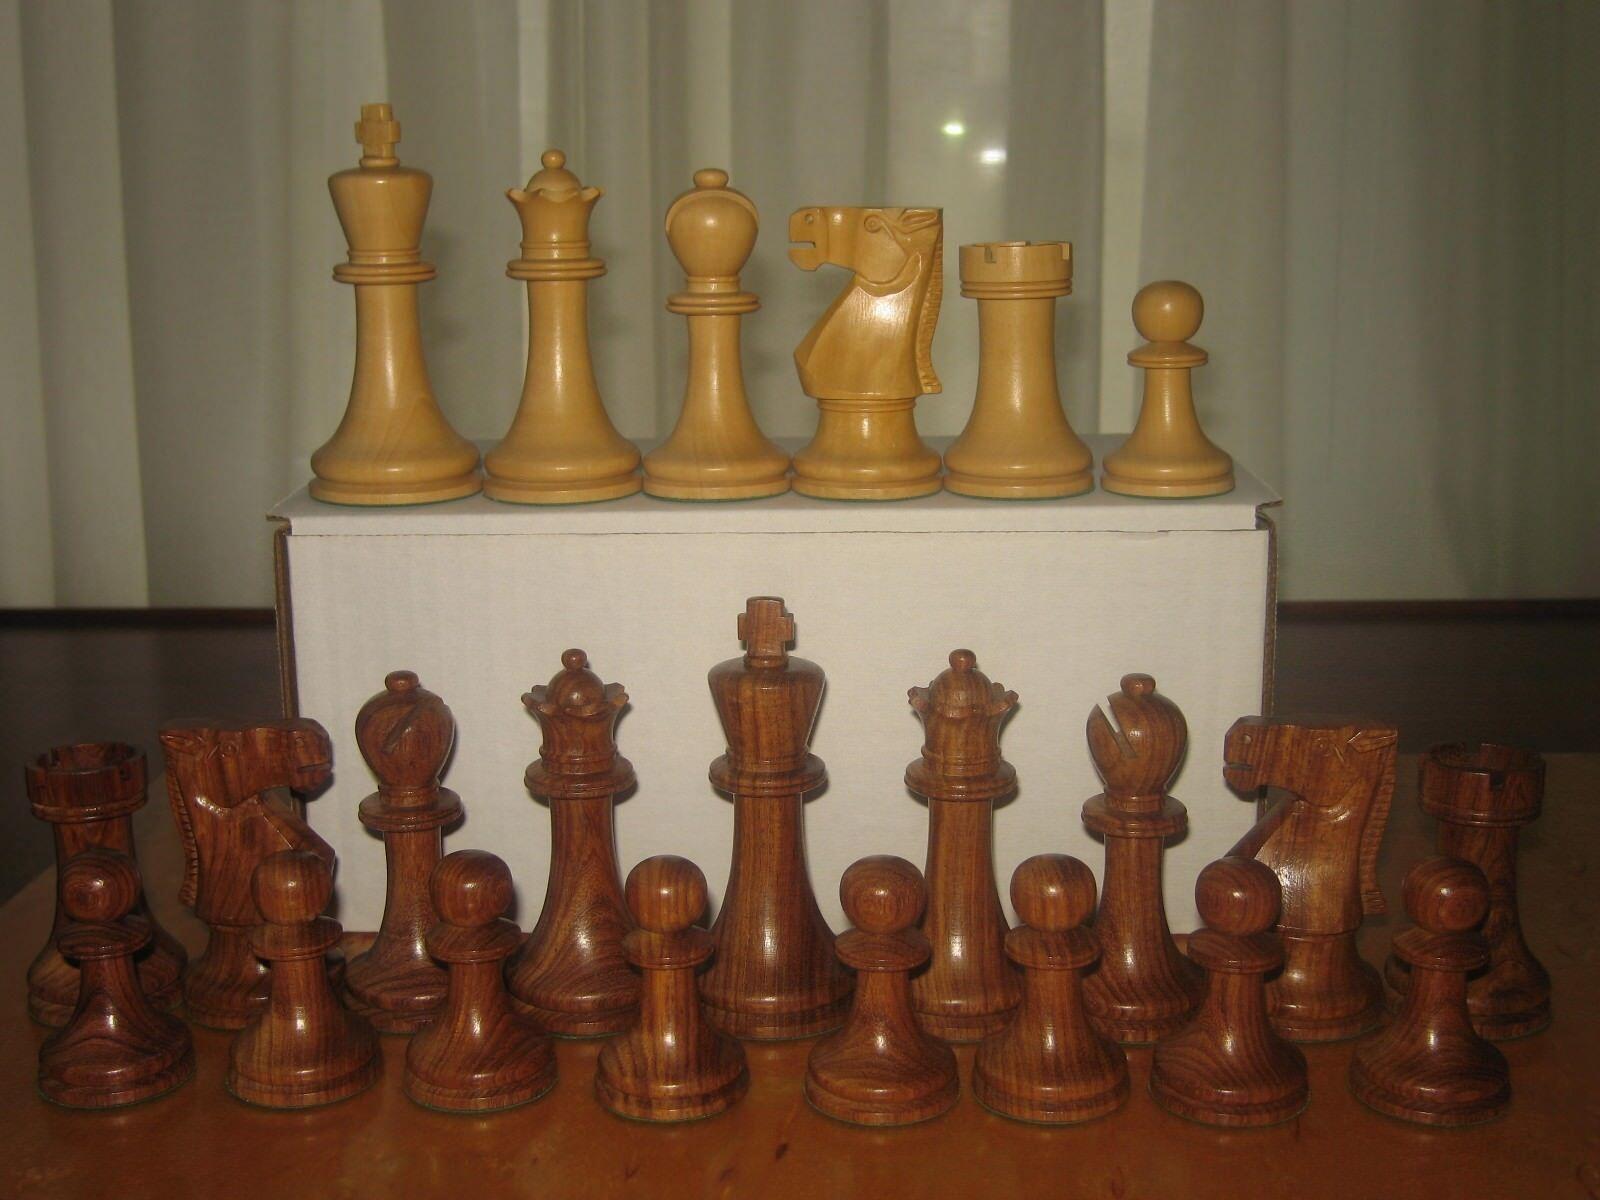 ストーントンスタイルトーナメントチェスは、マウスパッドボードユニークな作品とセット